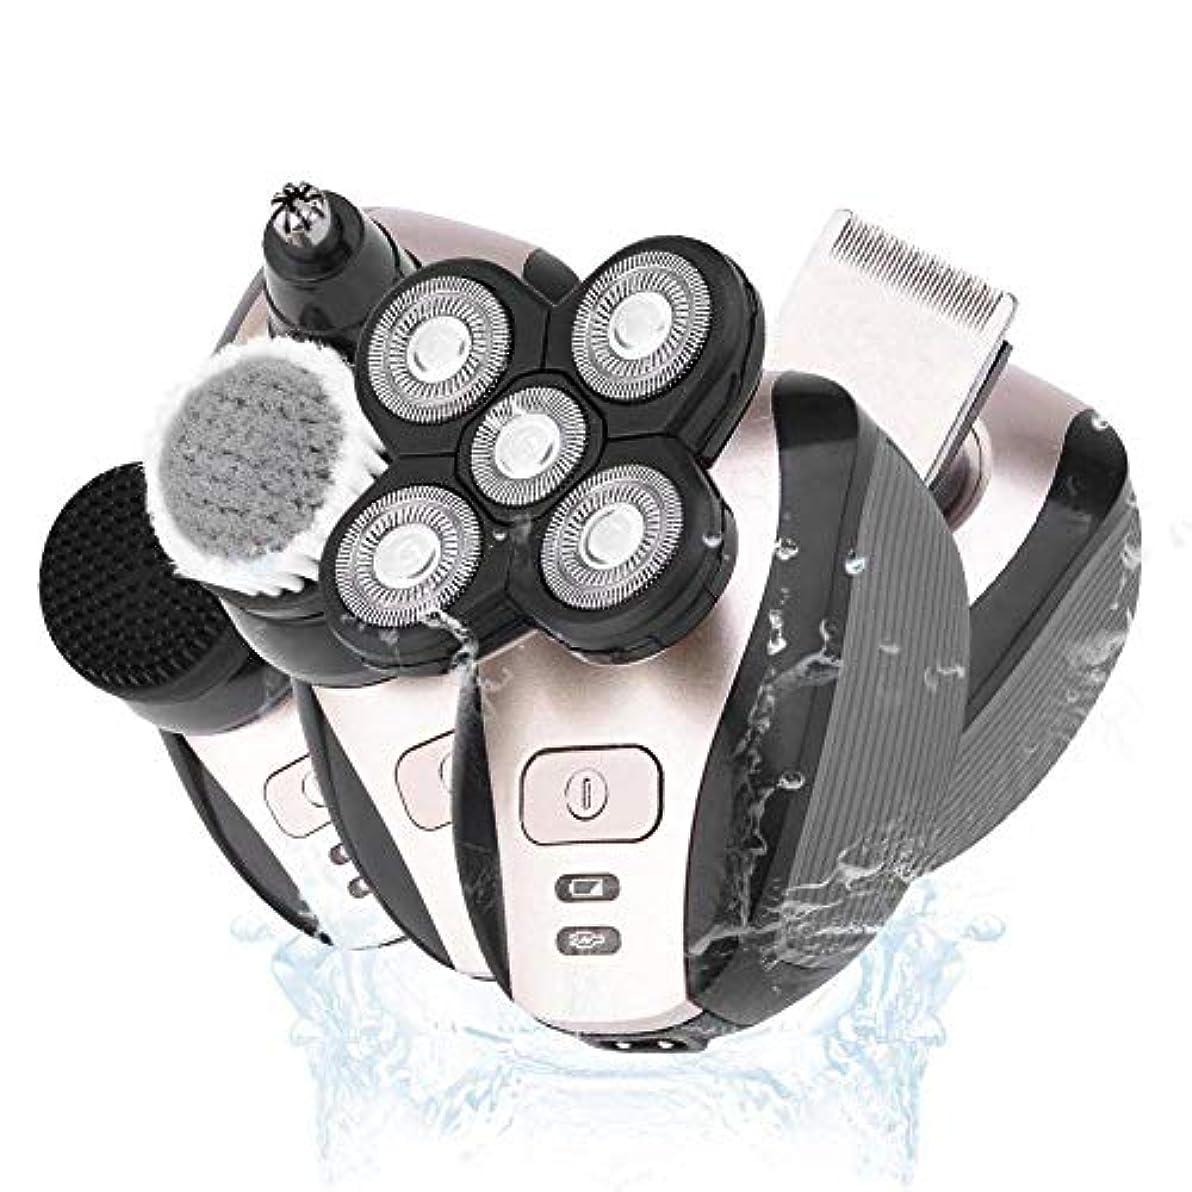 葉暴行音楽家1 4D電気シェーバー充電式のヘアトリマーヒゲトリマーチタンバリカントリマー男性のひげ剃り機でバリカン、5